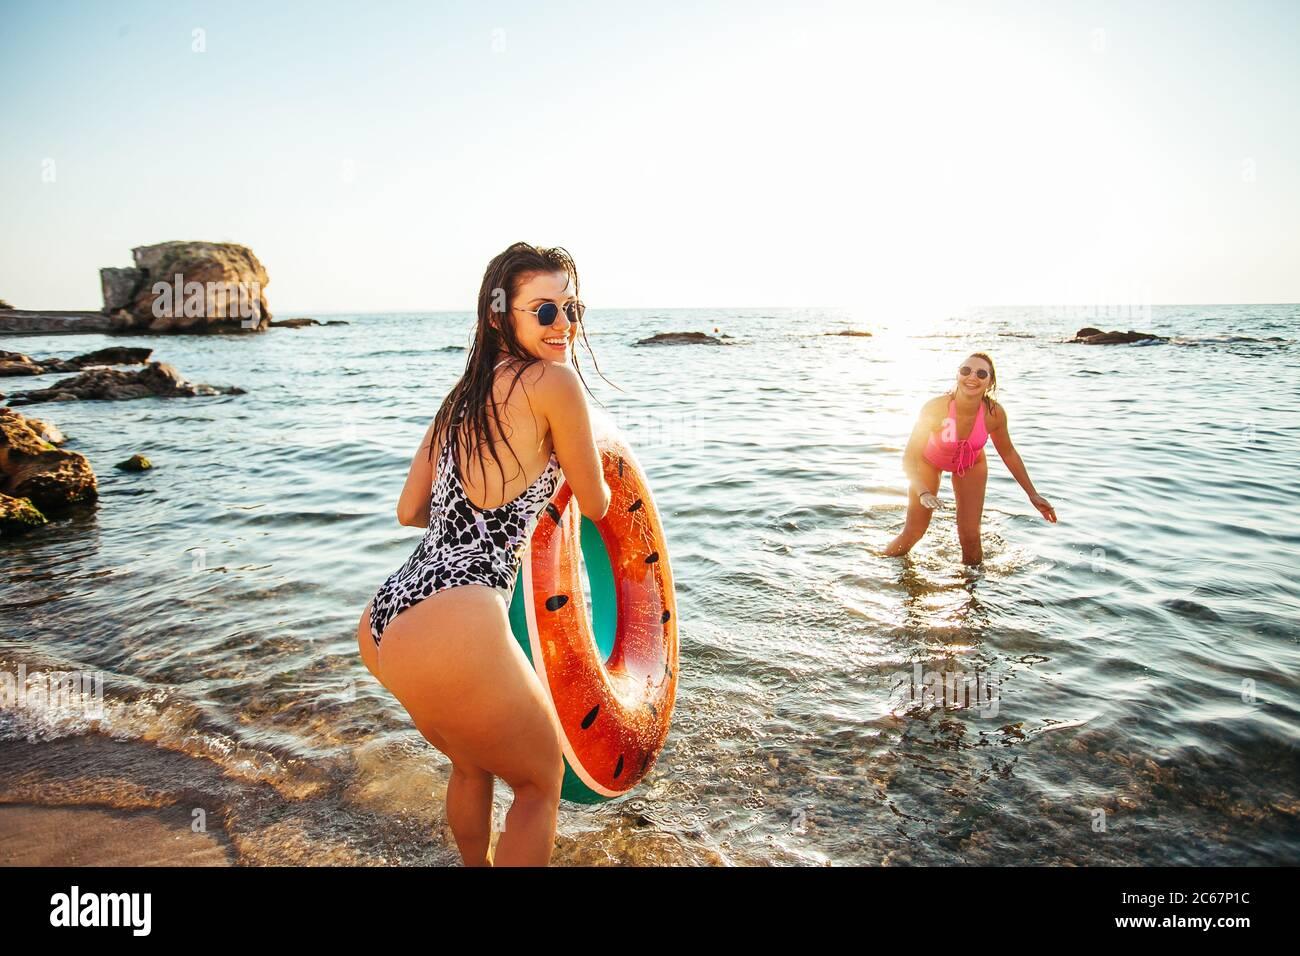 Les filles s'amusaient à la plage Banque D'Images